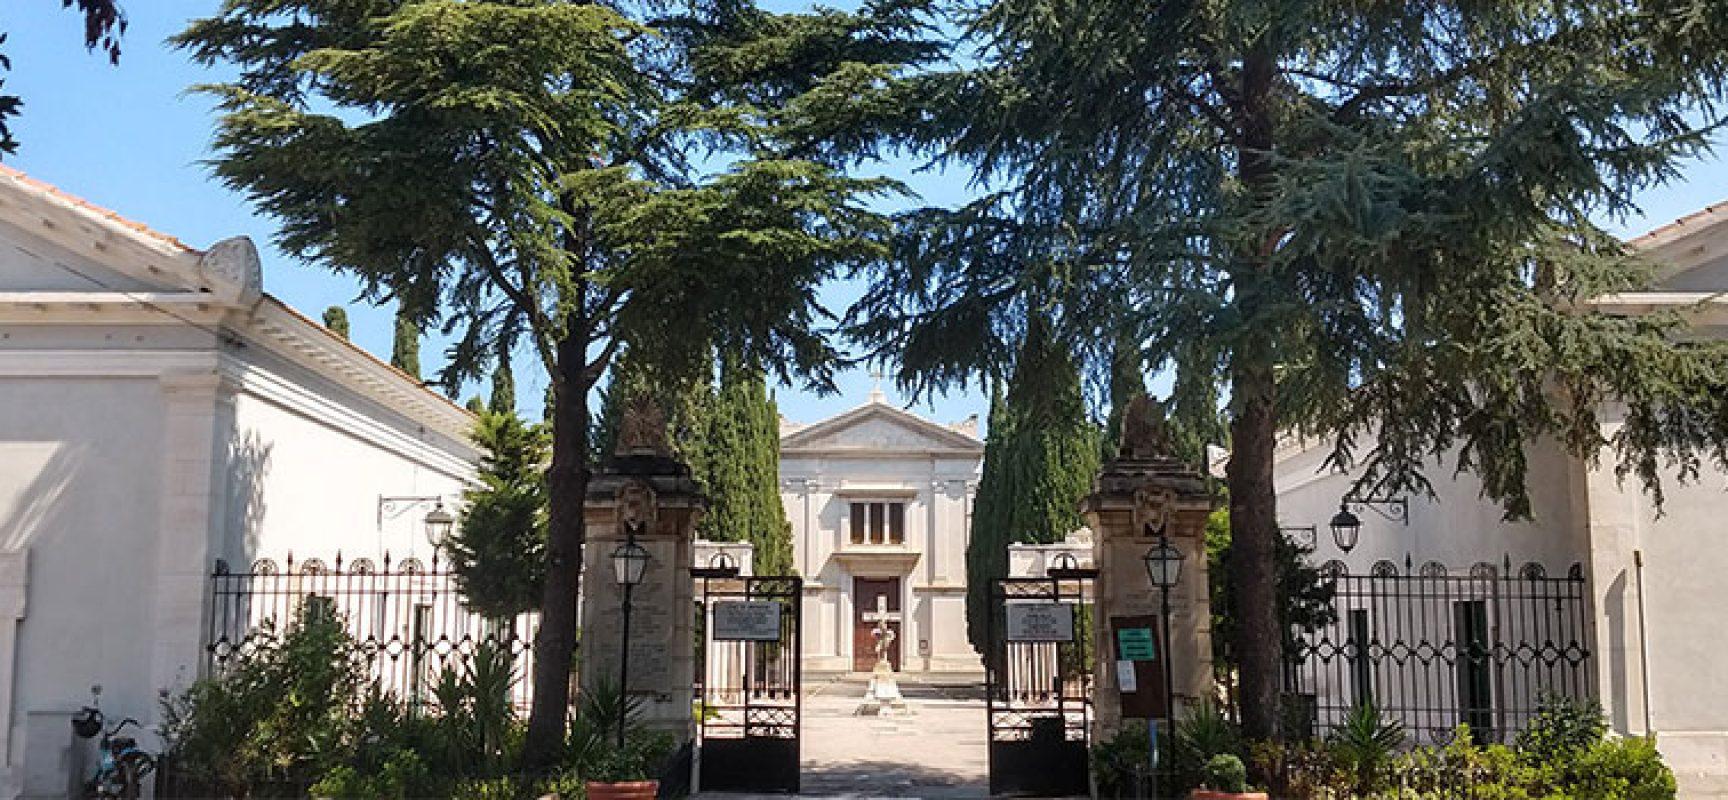 Gara d'appalto cimitero comunale, quattro realtà in lizza per aggiudicazione